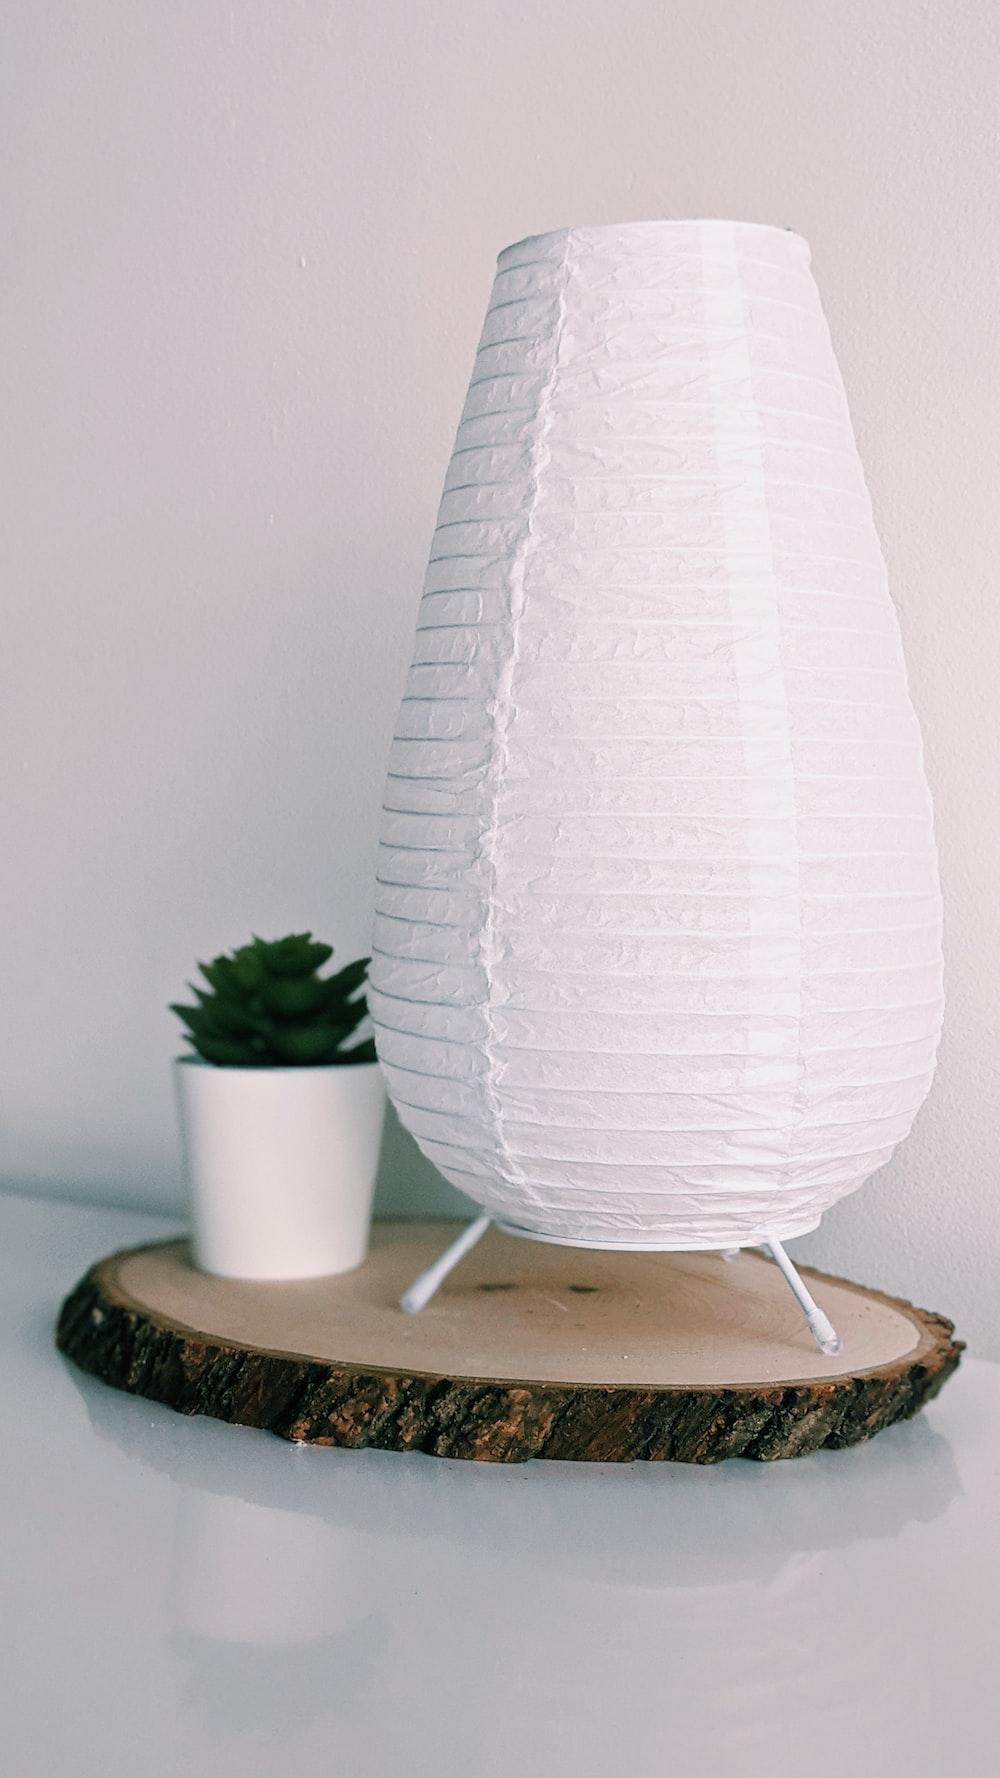 white round lamp on white round table